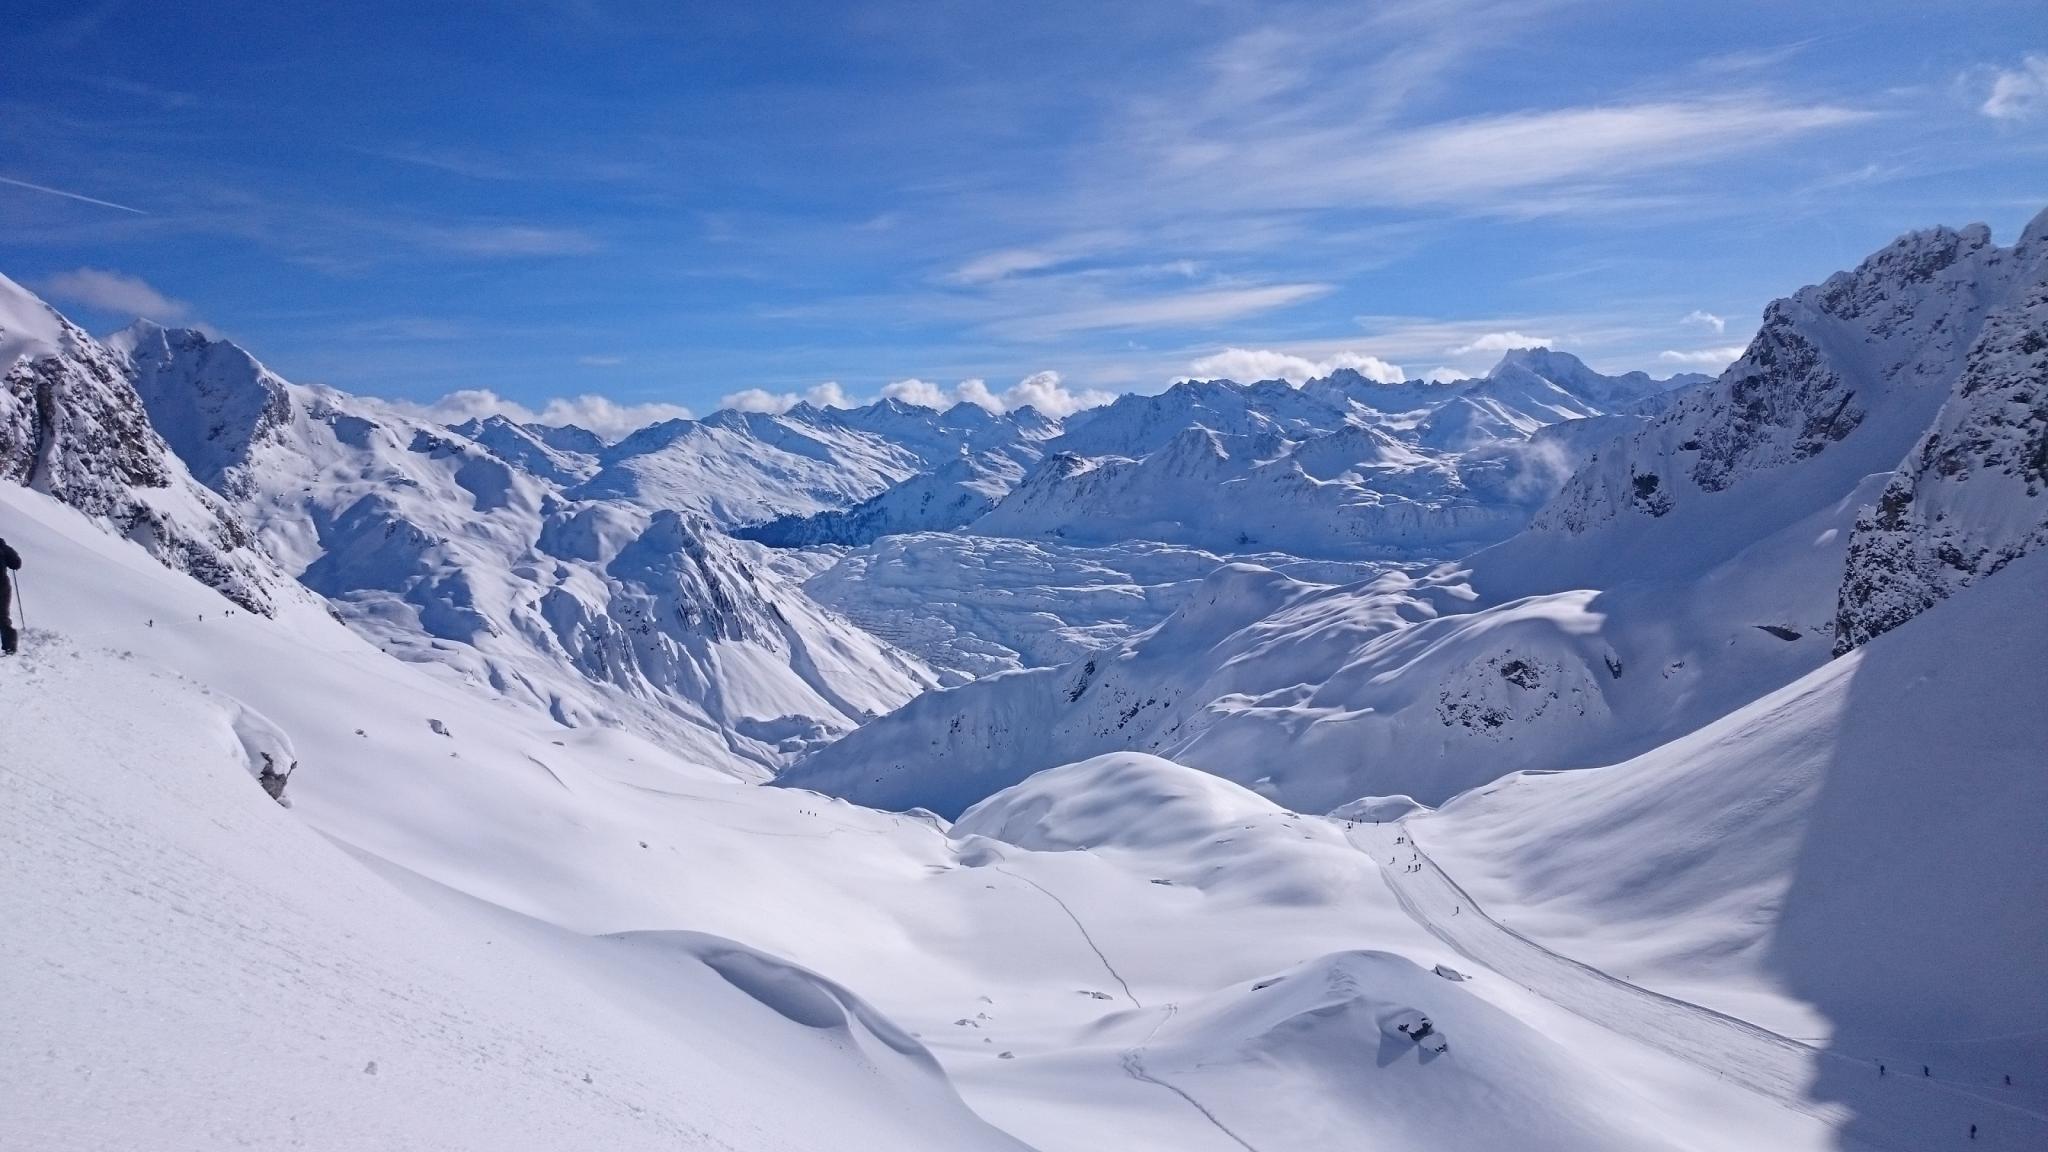 Schneebedeckte Berglandschaft in Zürs bei blauem Himmel